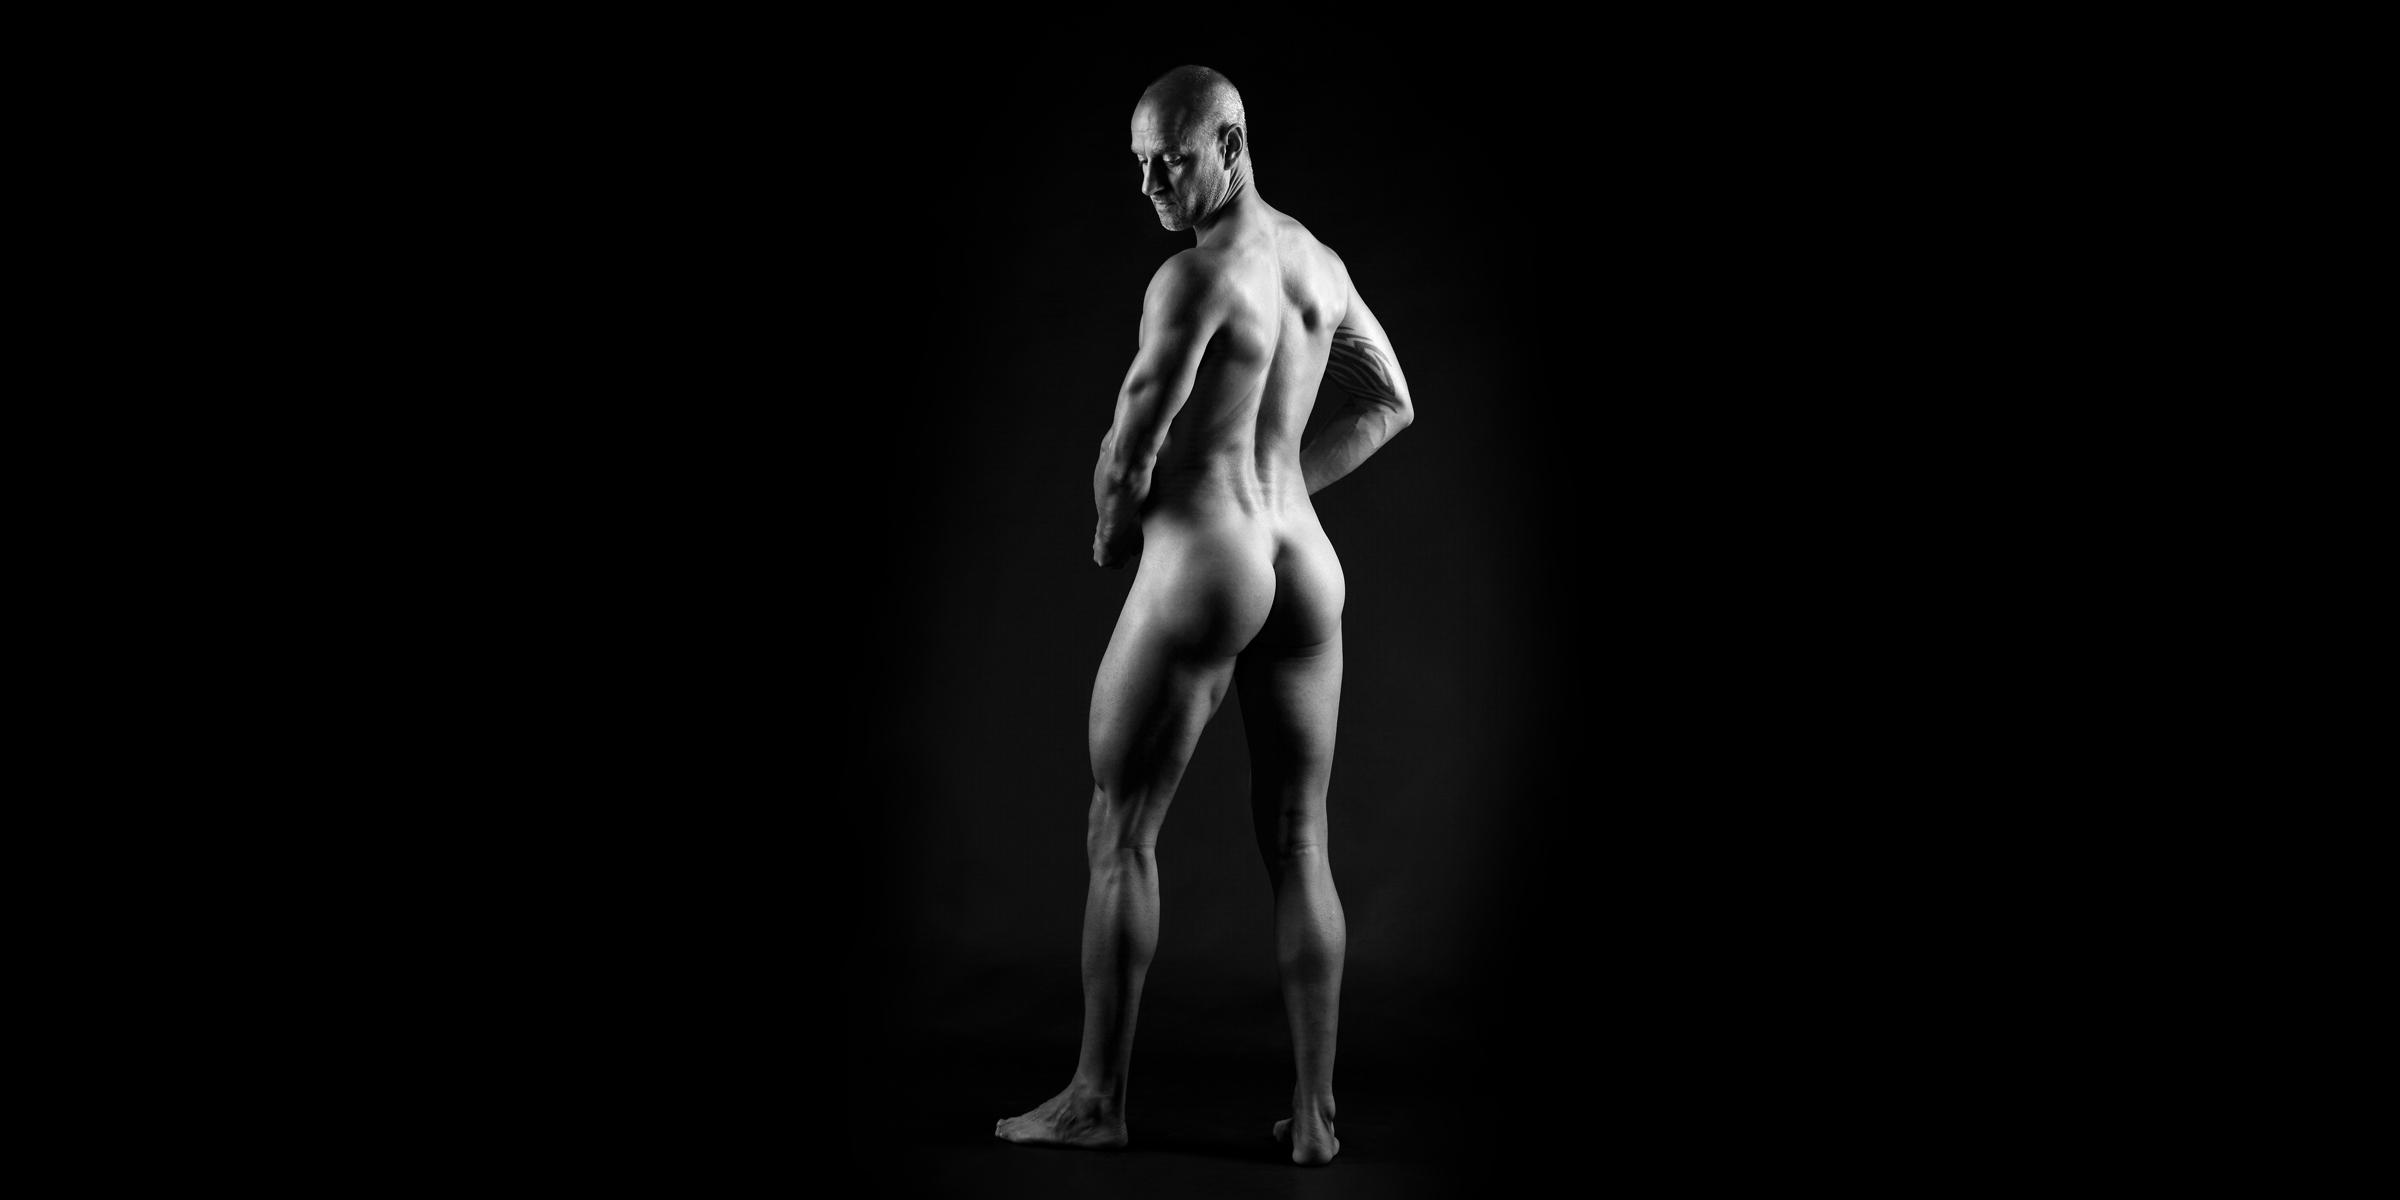 Schwarz-weiße Rückansicht eines nackten, sportlichen Mannes, der seitlich nach unten blickt.